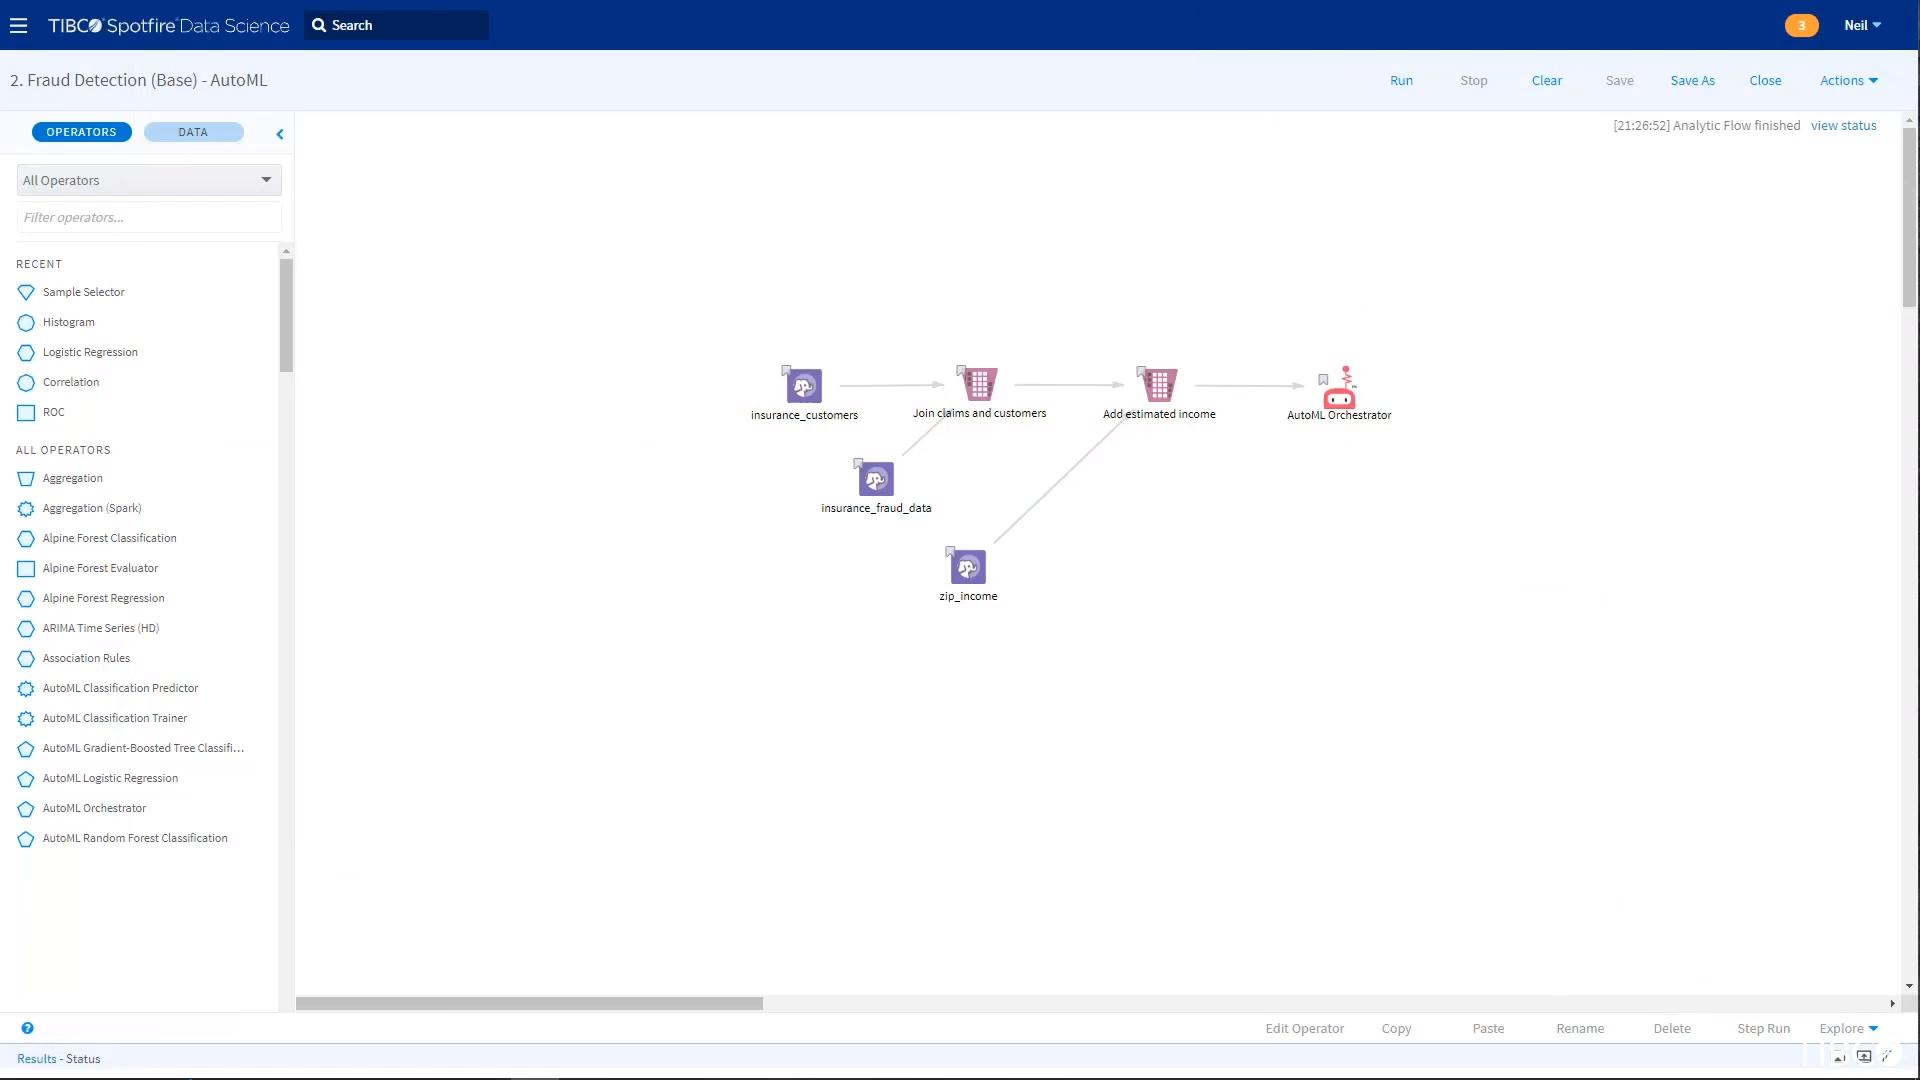 Построение модели для поточного анализа больших данных в программе TIBCO Data Science